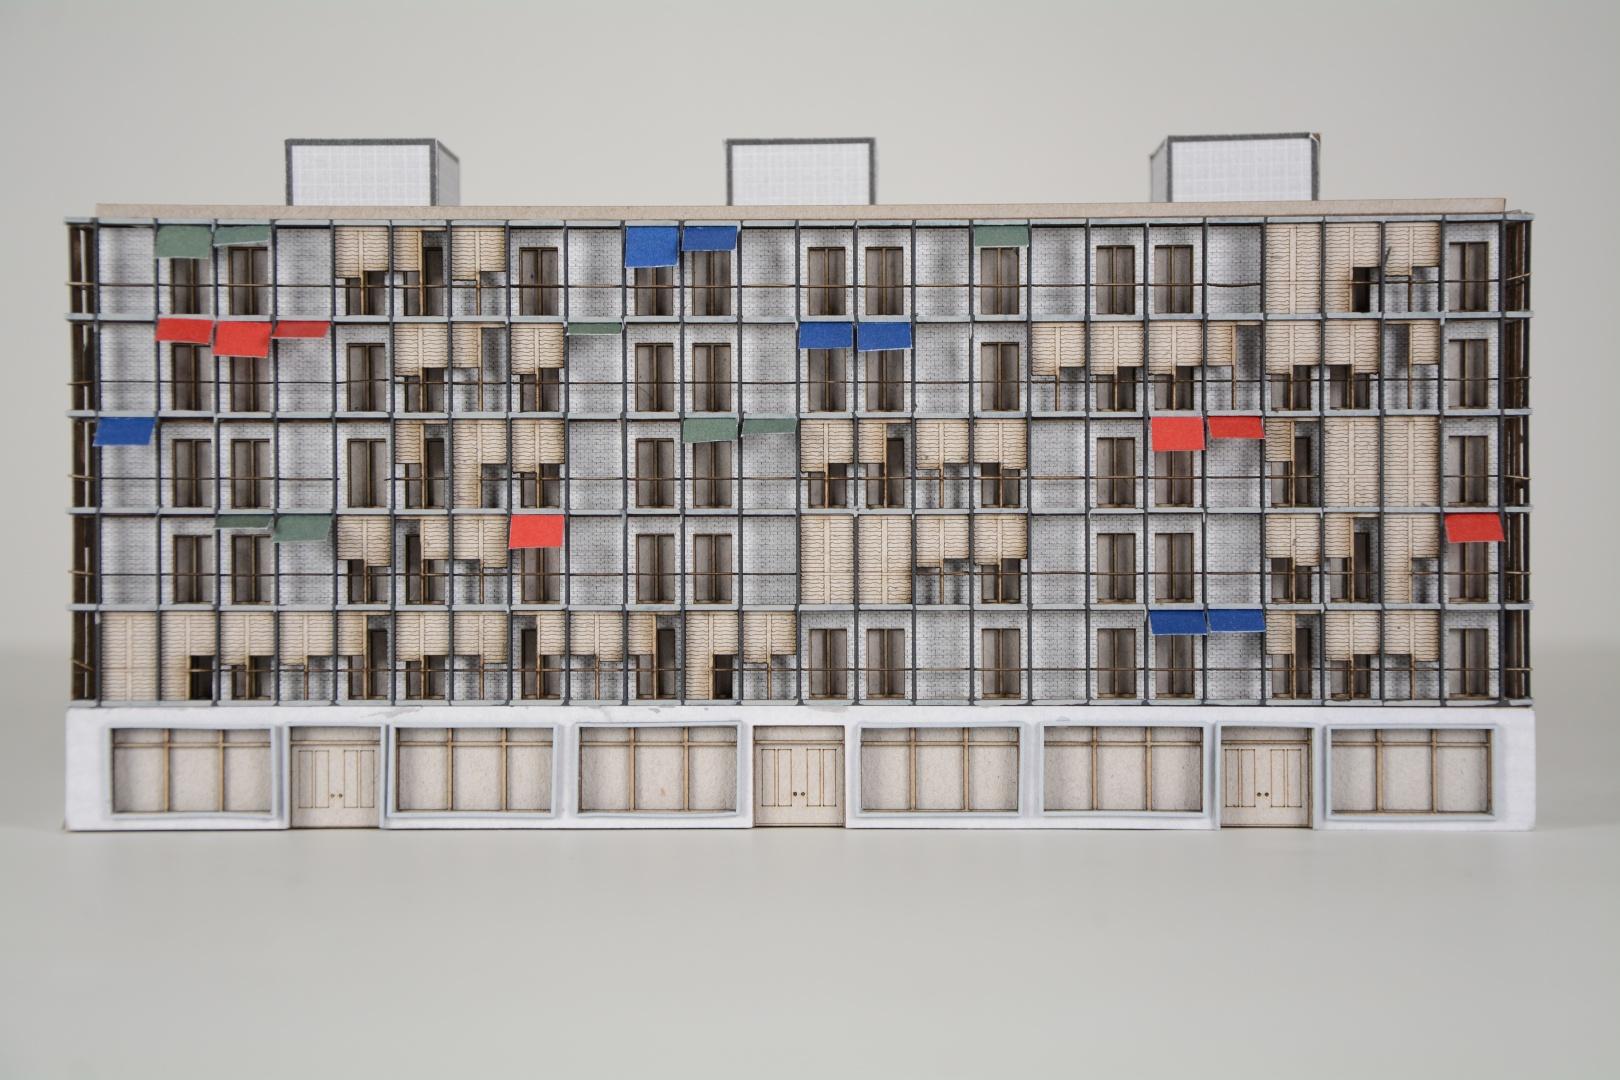 Fassadenmodell Solitär Süd © Craveiro / Zahler